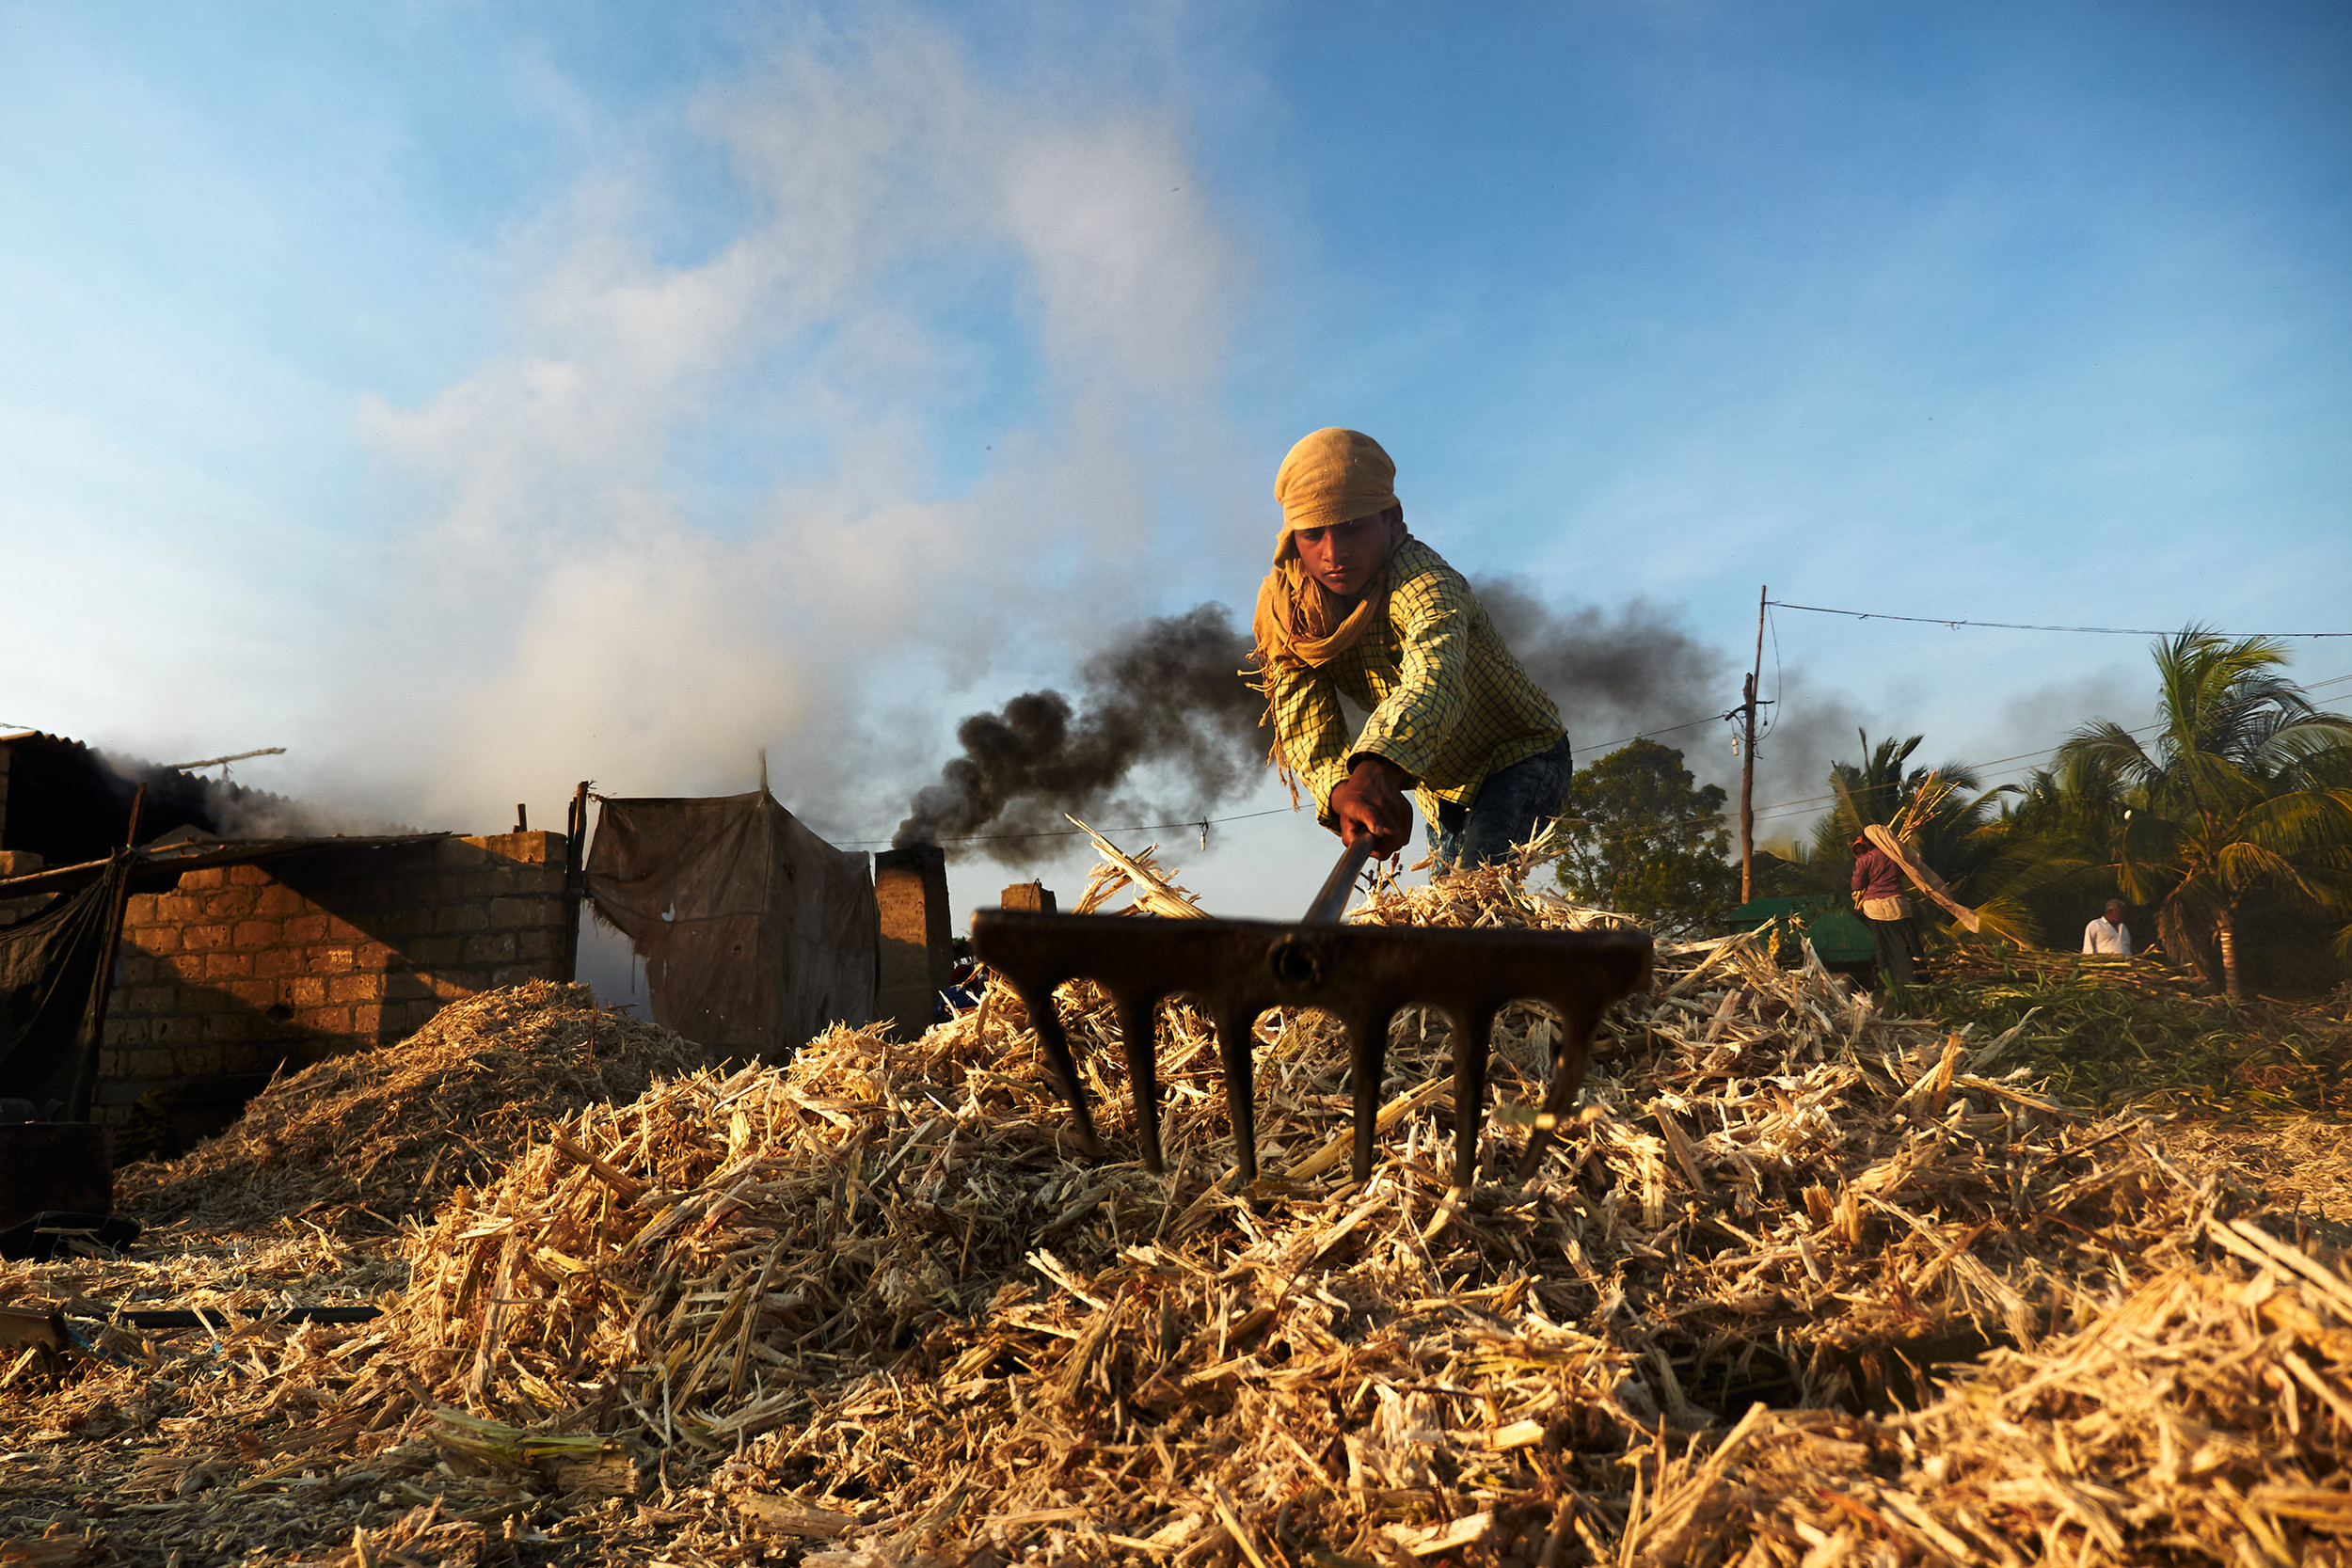 Sugarcane worker raking leftover sugarcane